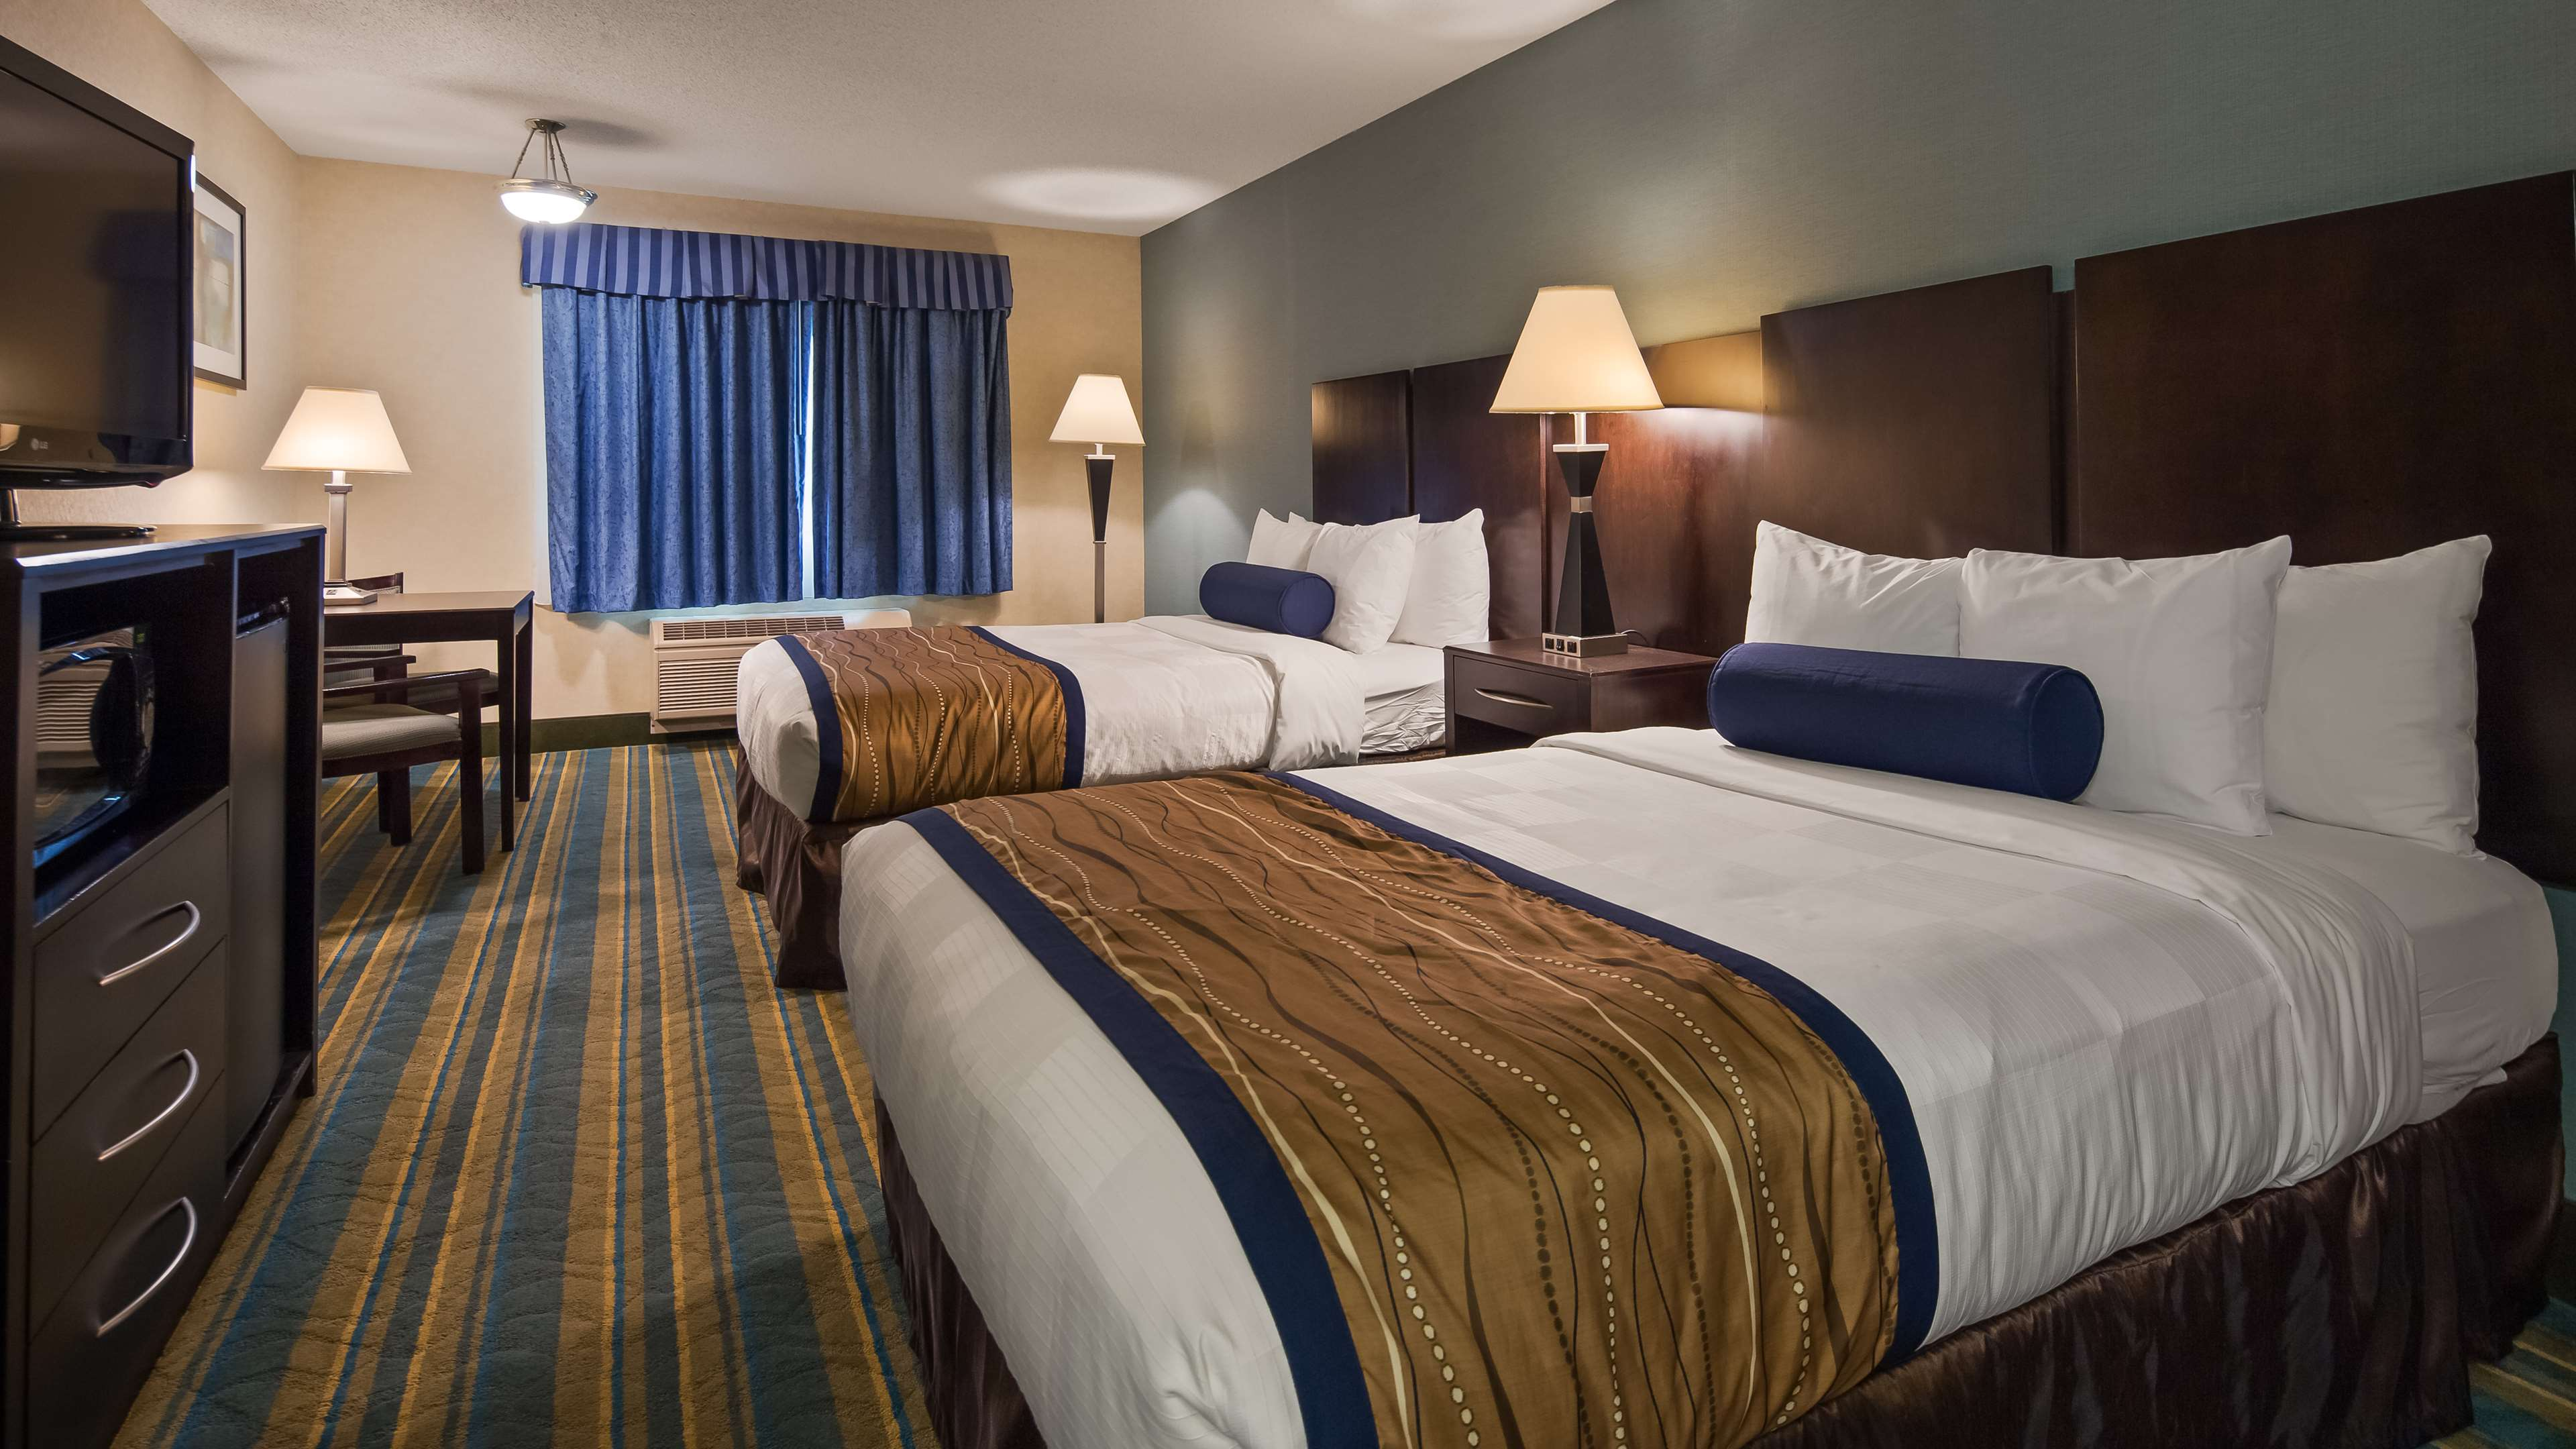 Best Western Plus Berkshire Hills Inn & Suites image 15